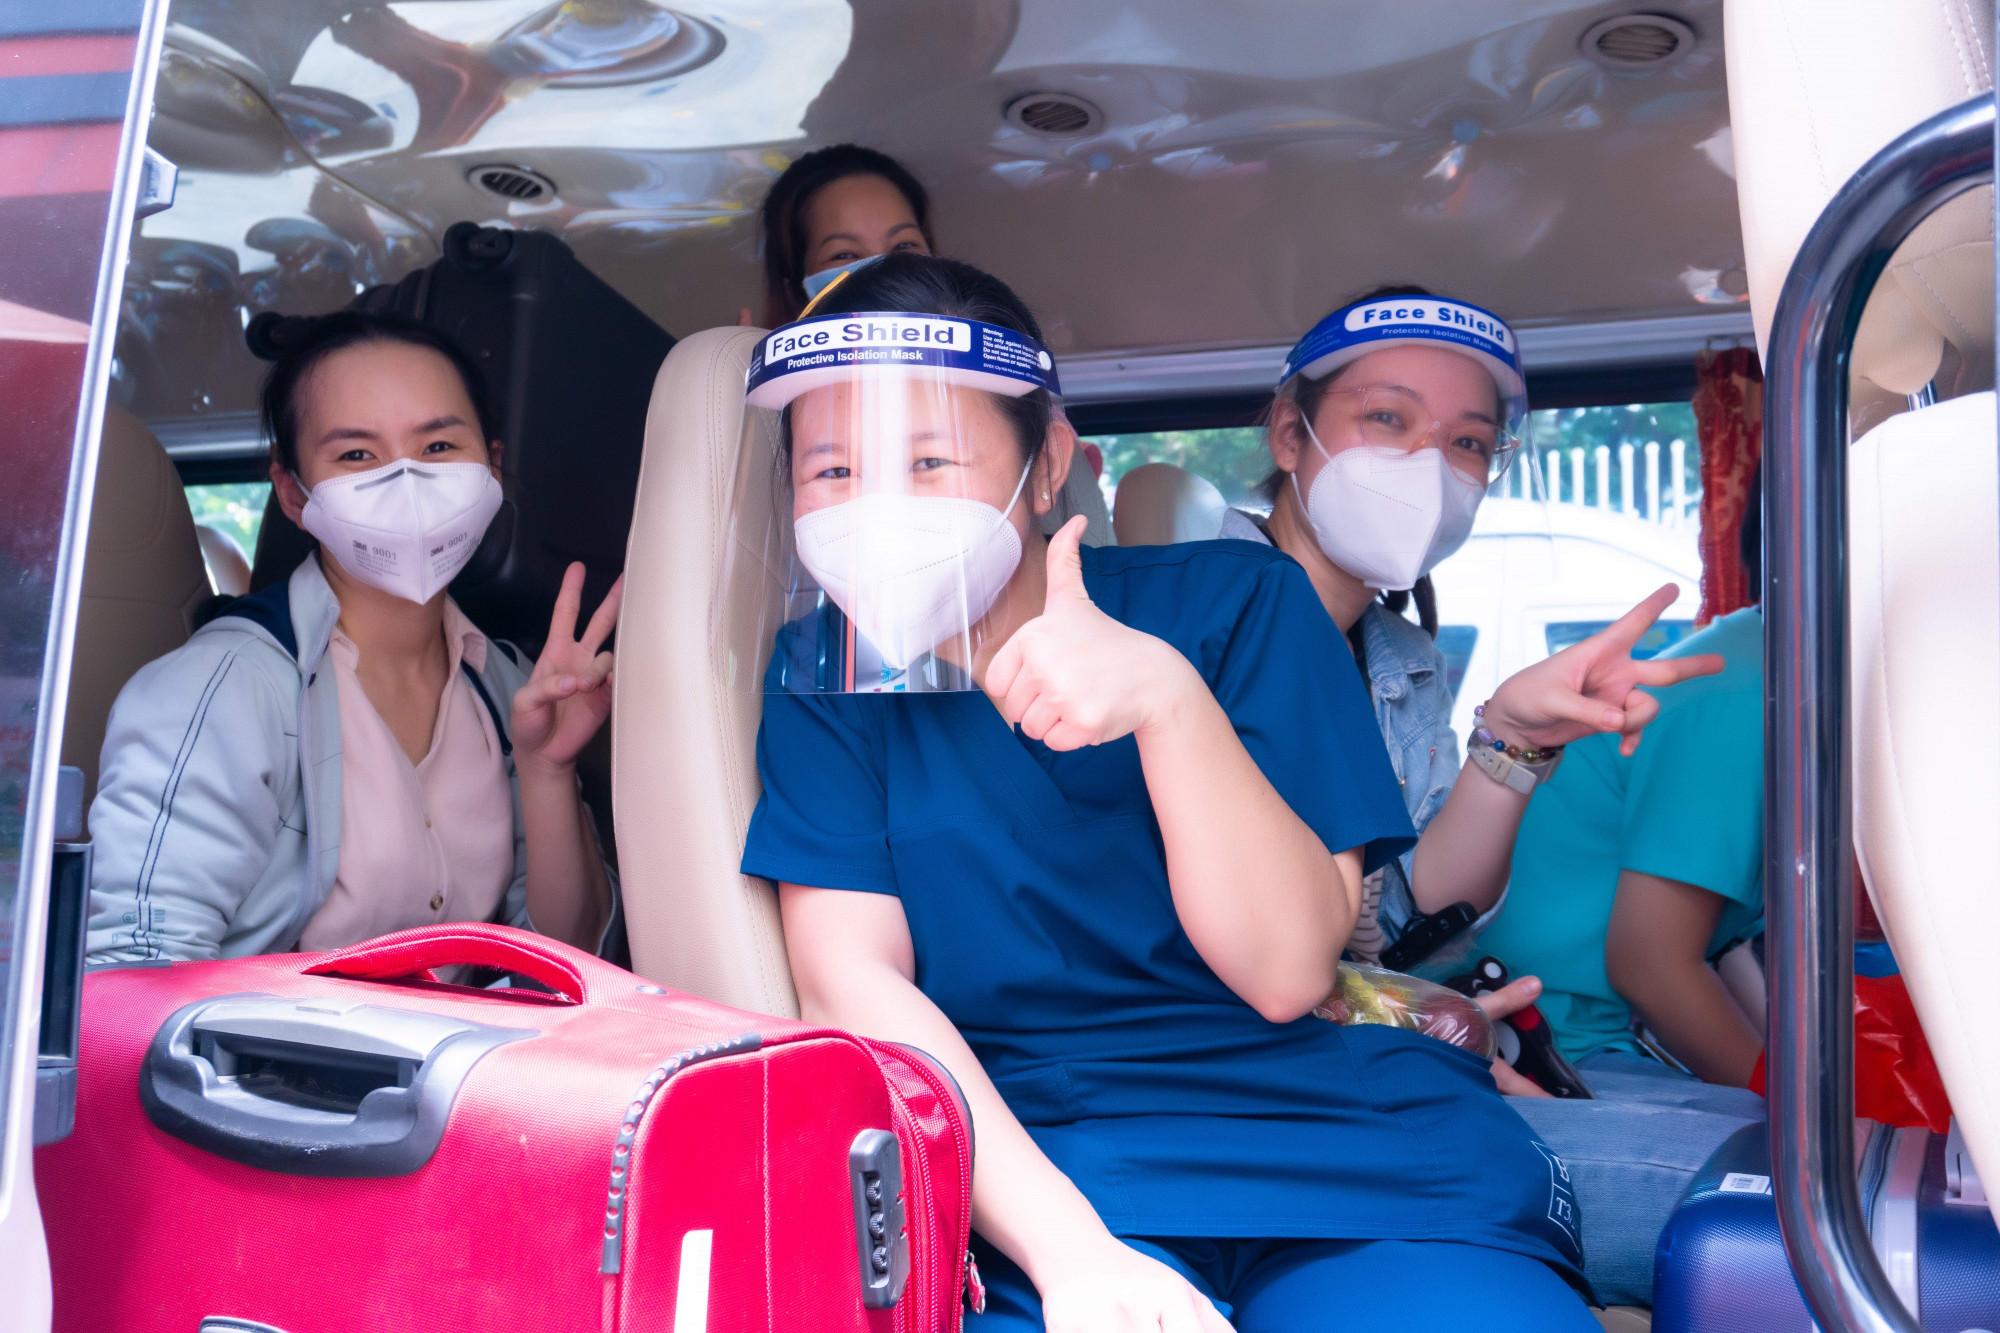 Ngoài Bệnh viện thu dung điều trị COVID-19 số 16, Bệnh viện Hùng Vương còn tham gia hỗ trợ Bệnh viện thu dung điều trị COVID-19 huyện Cần Giờ với 10 y, bác sĩ, Bệnh viện thu dung điều trị COVD-19 số 2 với 26 nhân viên y tế